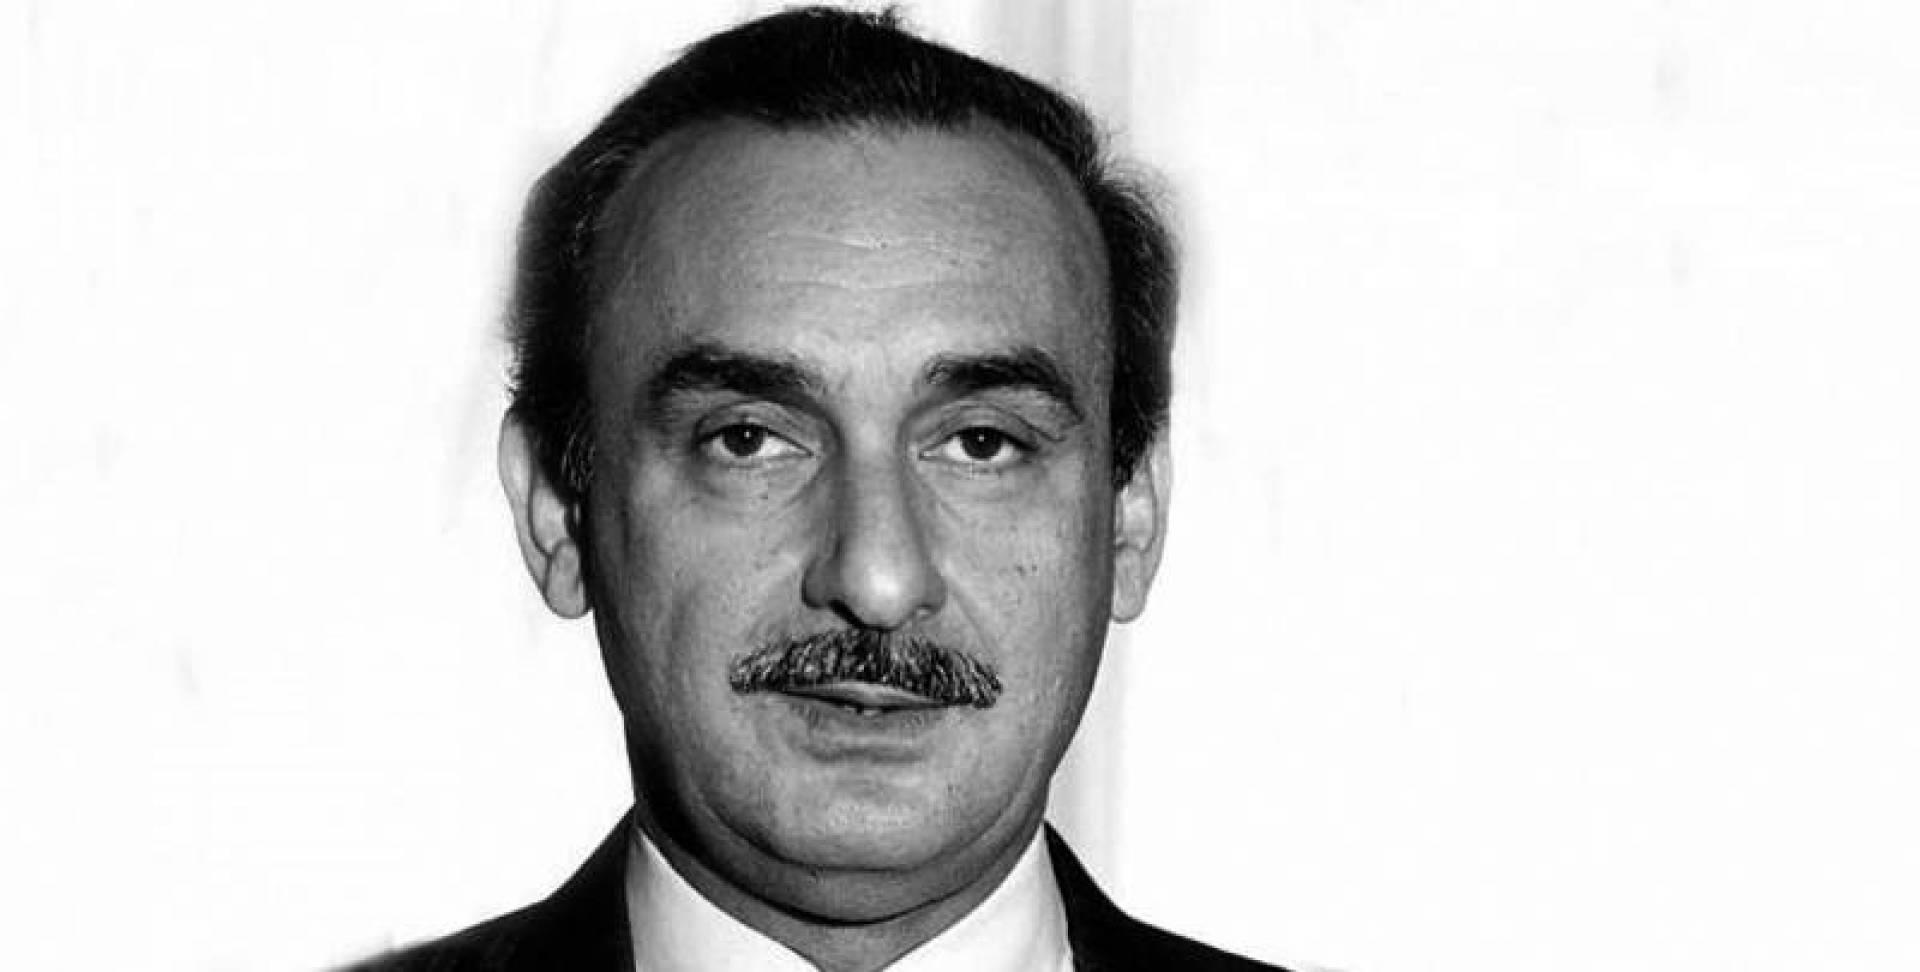 د. نائل النقيب وكيل وزارة الصحة في السابق.. أرشيفية